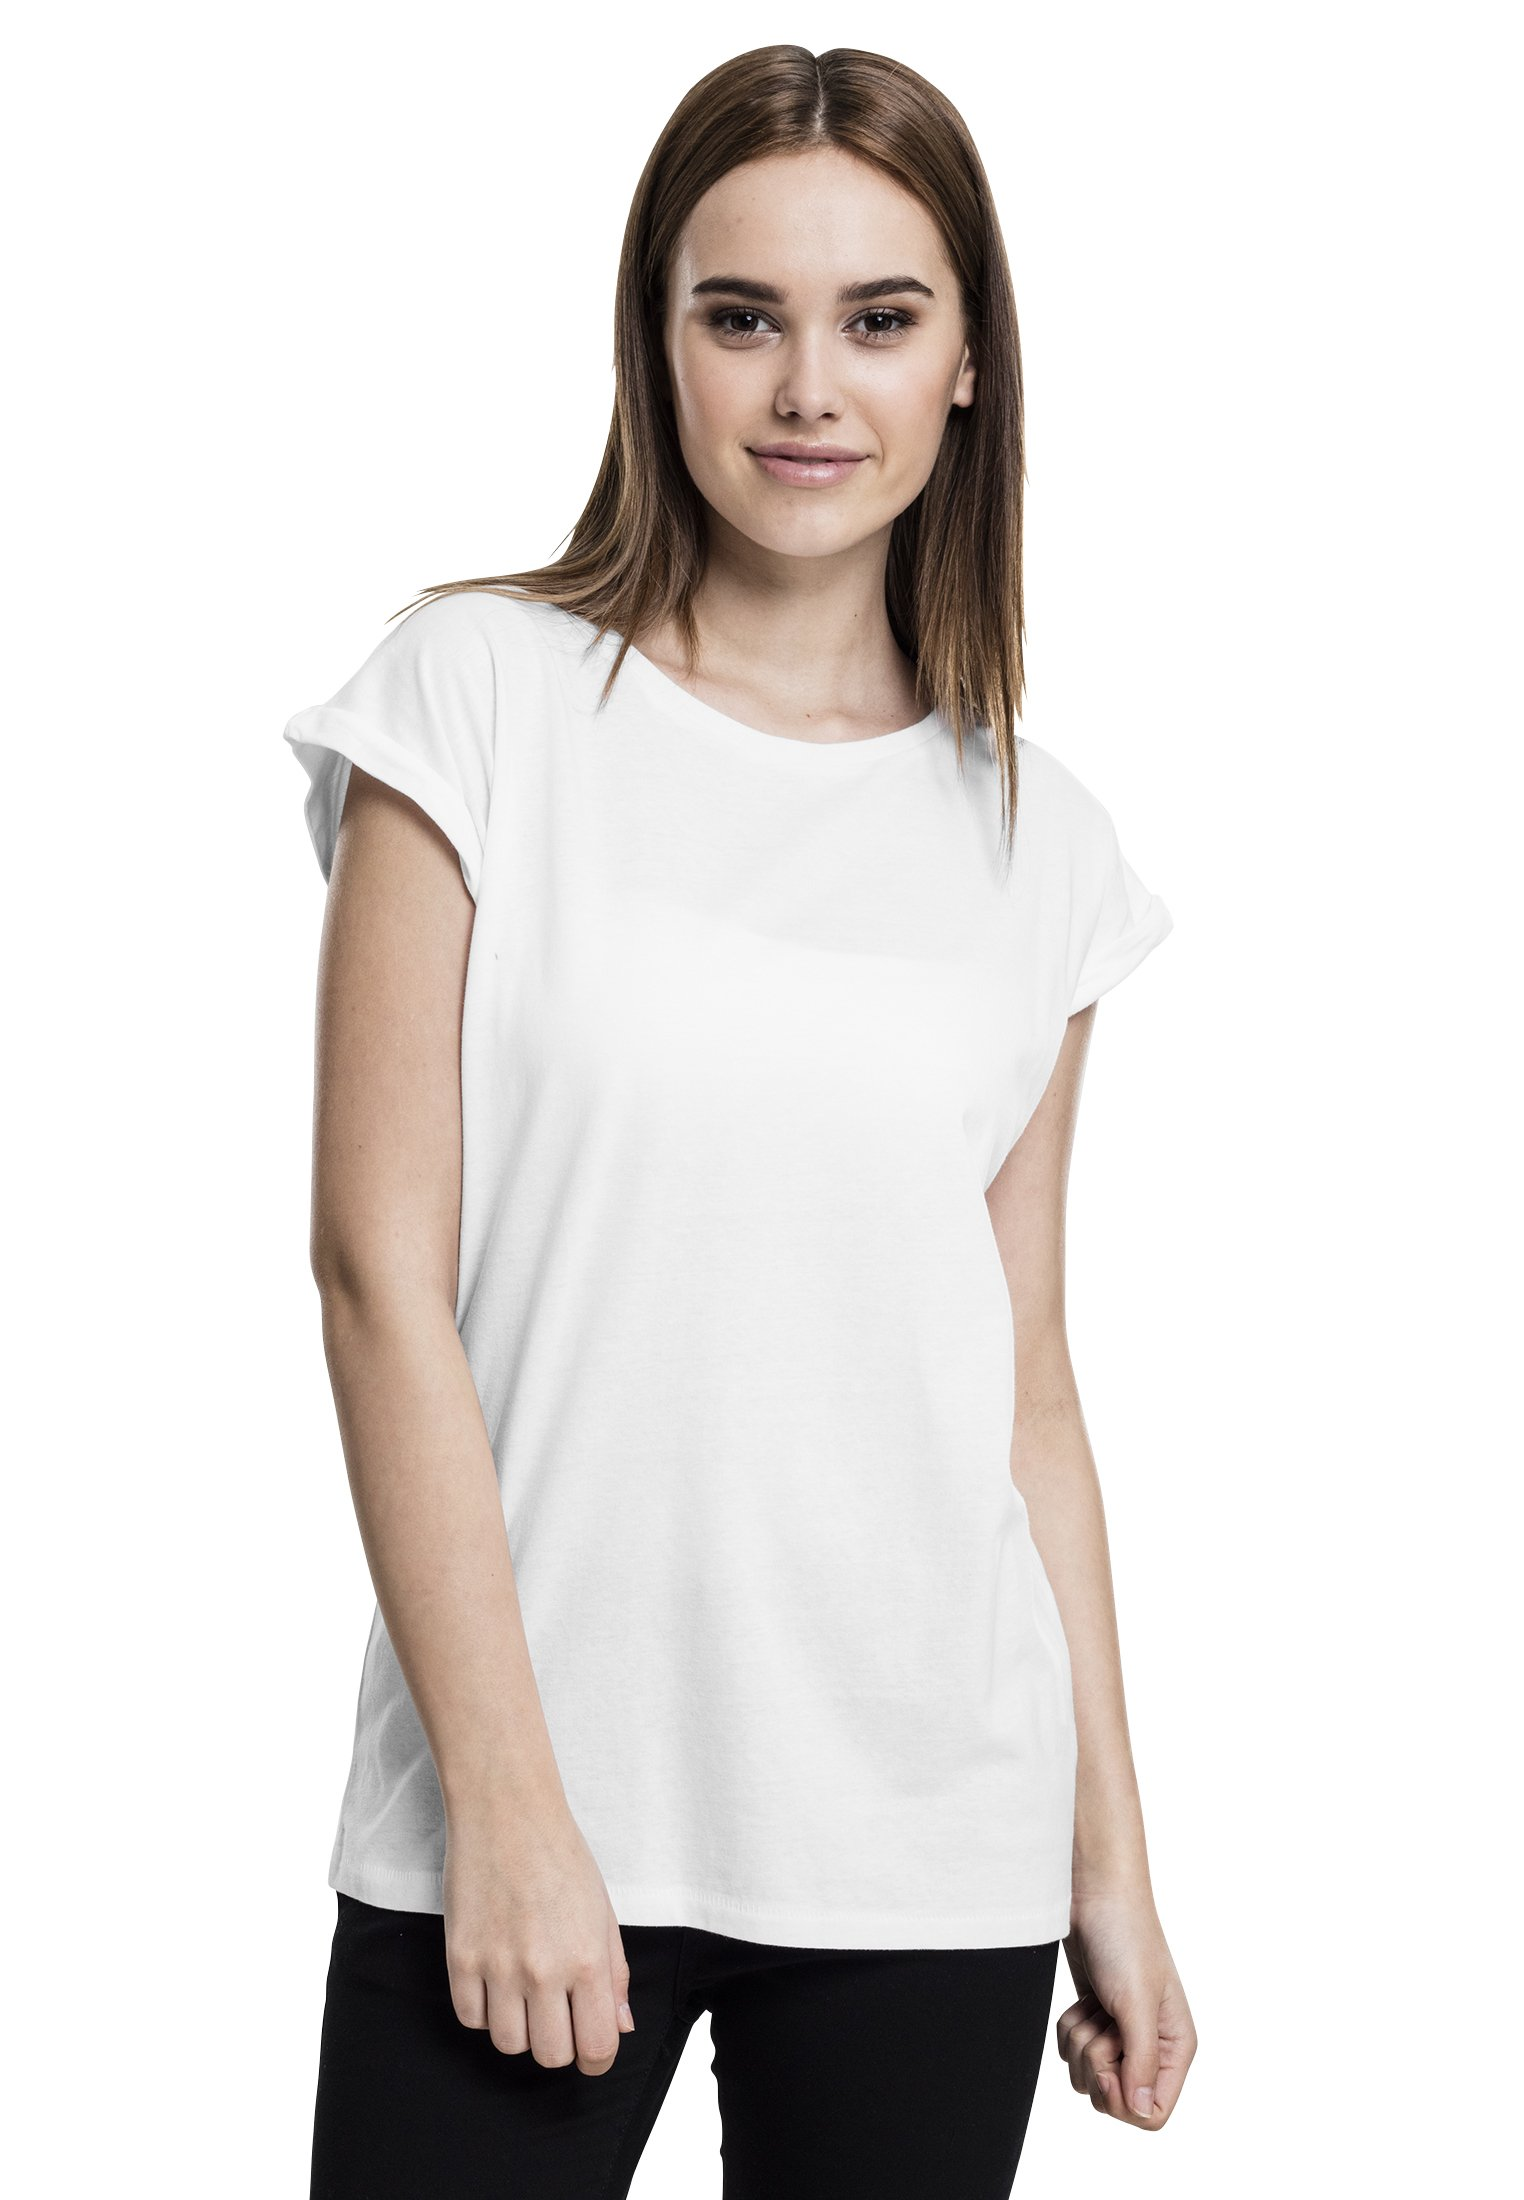 7b8eed08911cab Am besten bewertete Produkte in der Kategorie T-Shirts für Damen ...